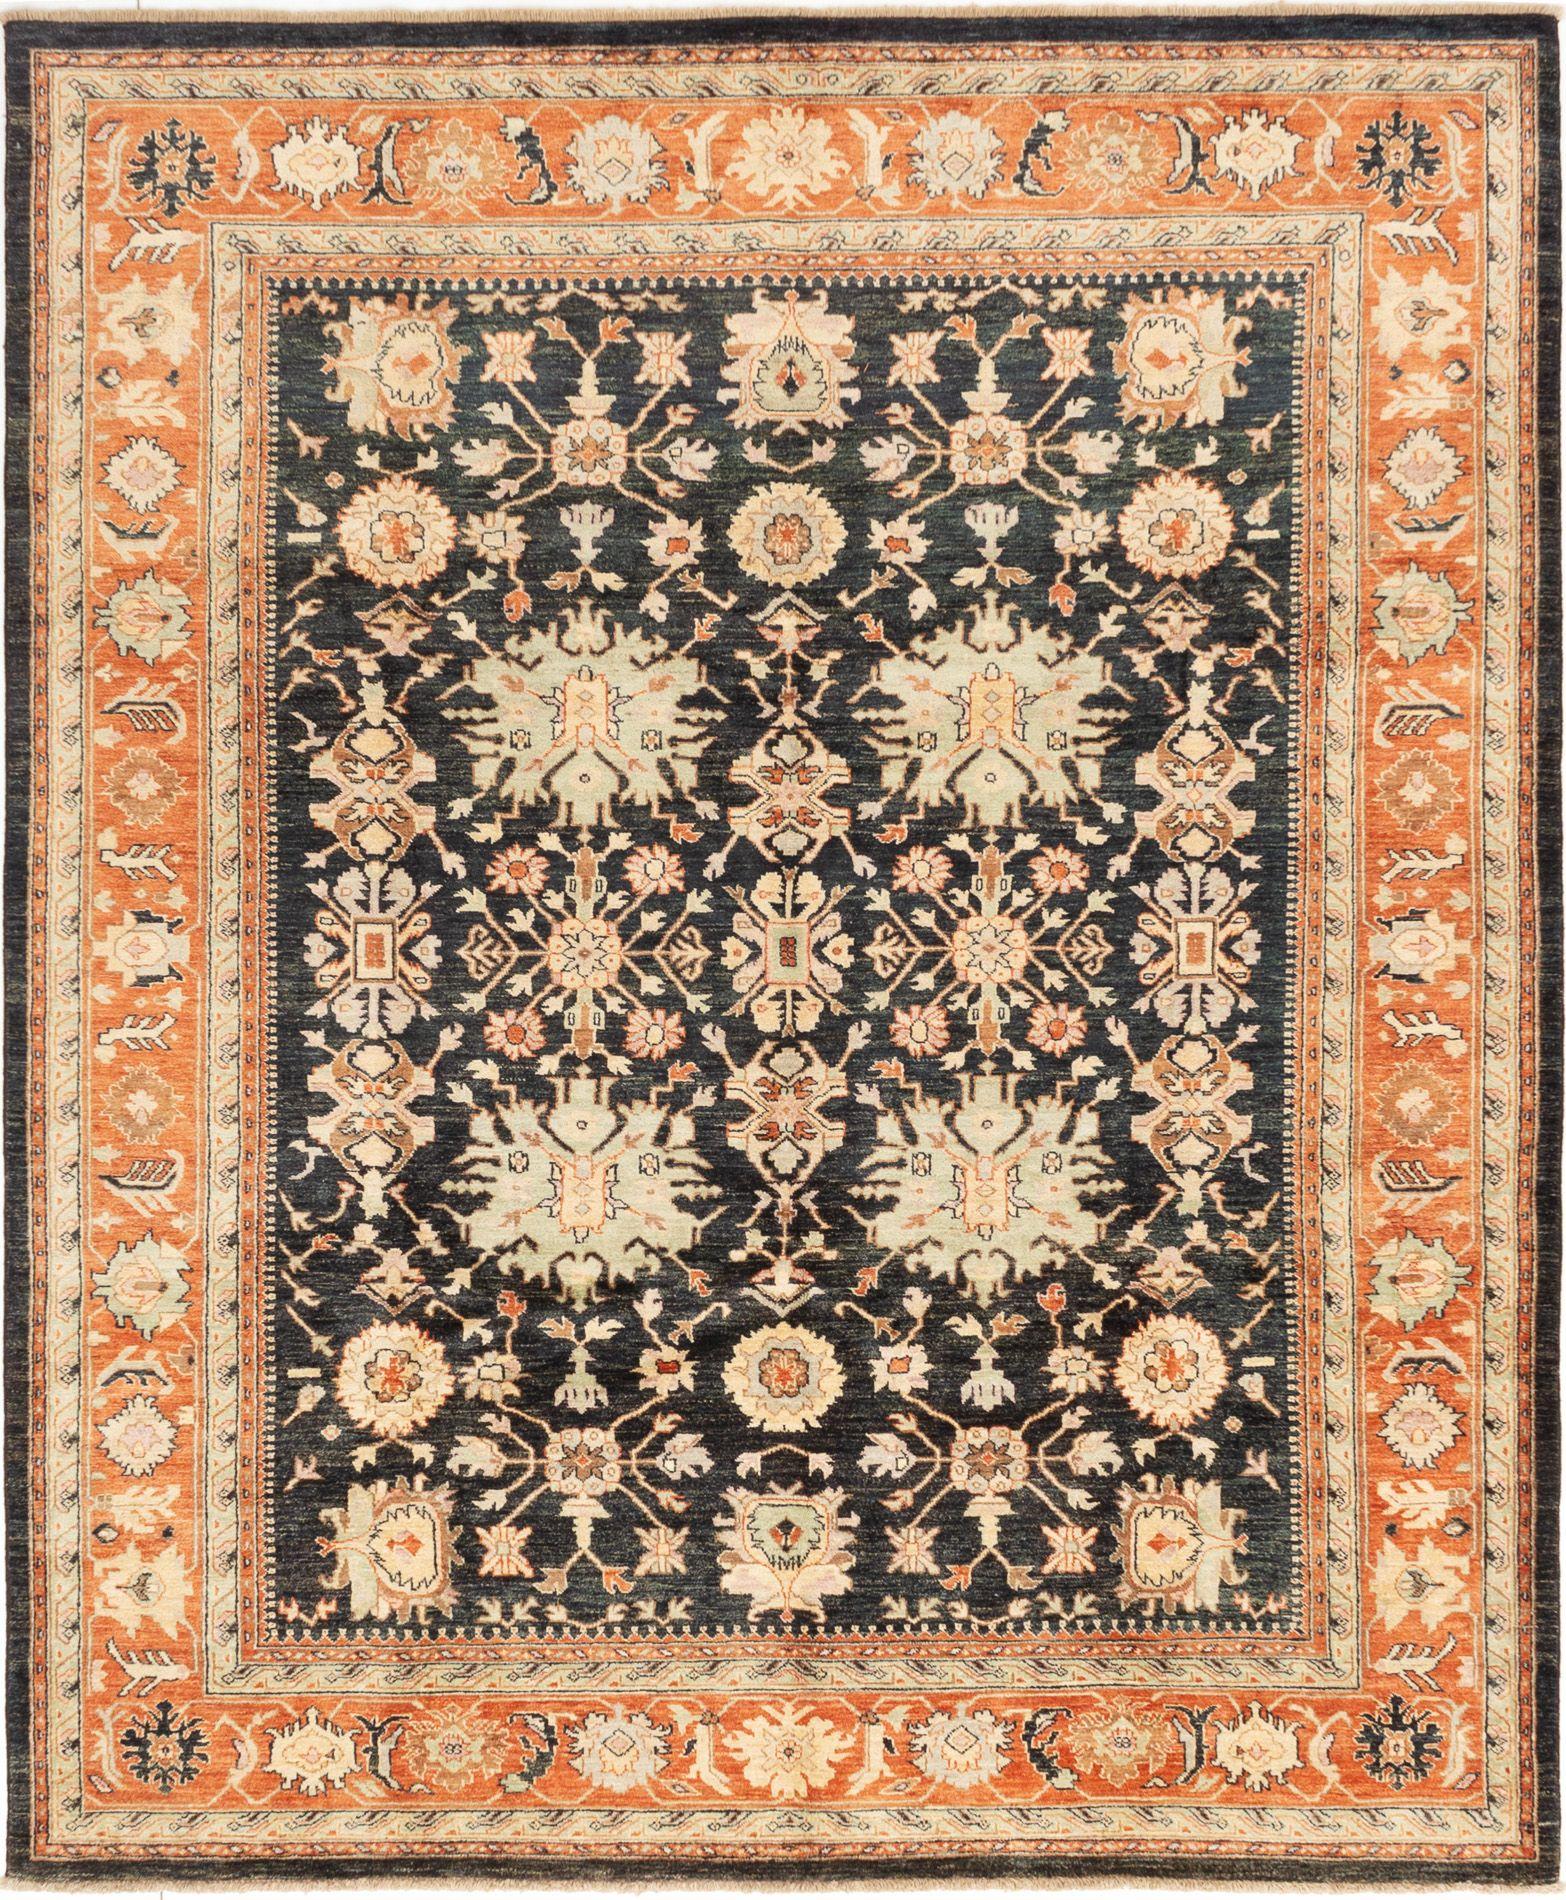 """Hand-knotted Peshawar Finest Dark Navy Wool Rug 8'2"""" x 9'9"""" Size: 8'2"""" x 9'9"""""""